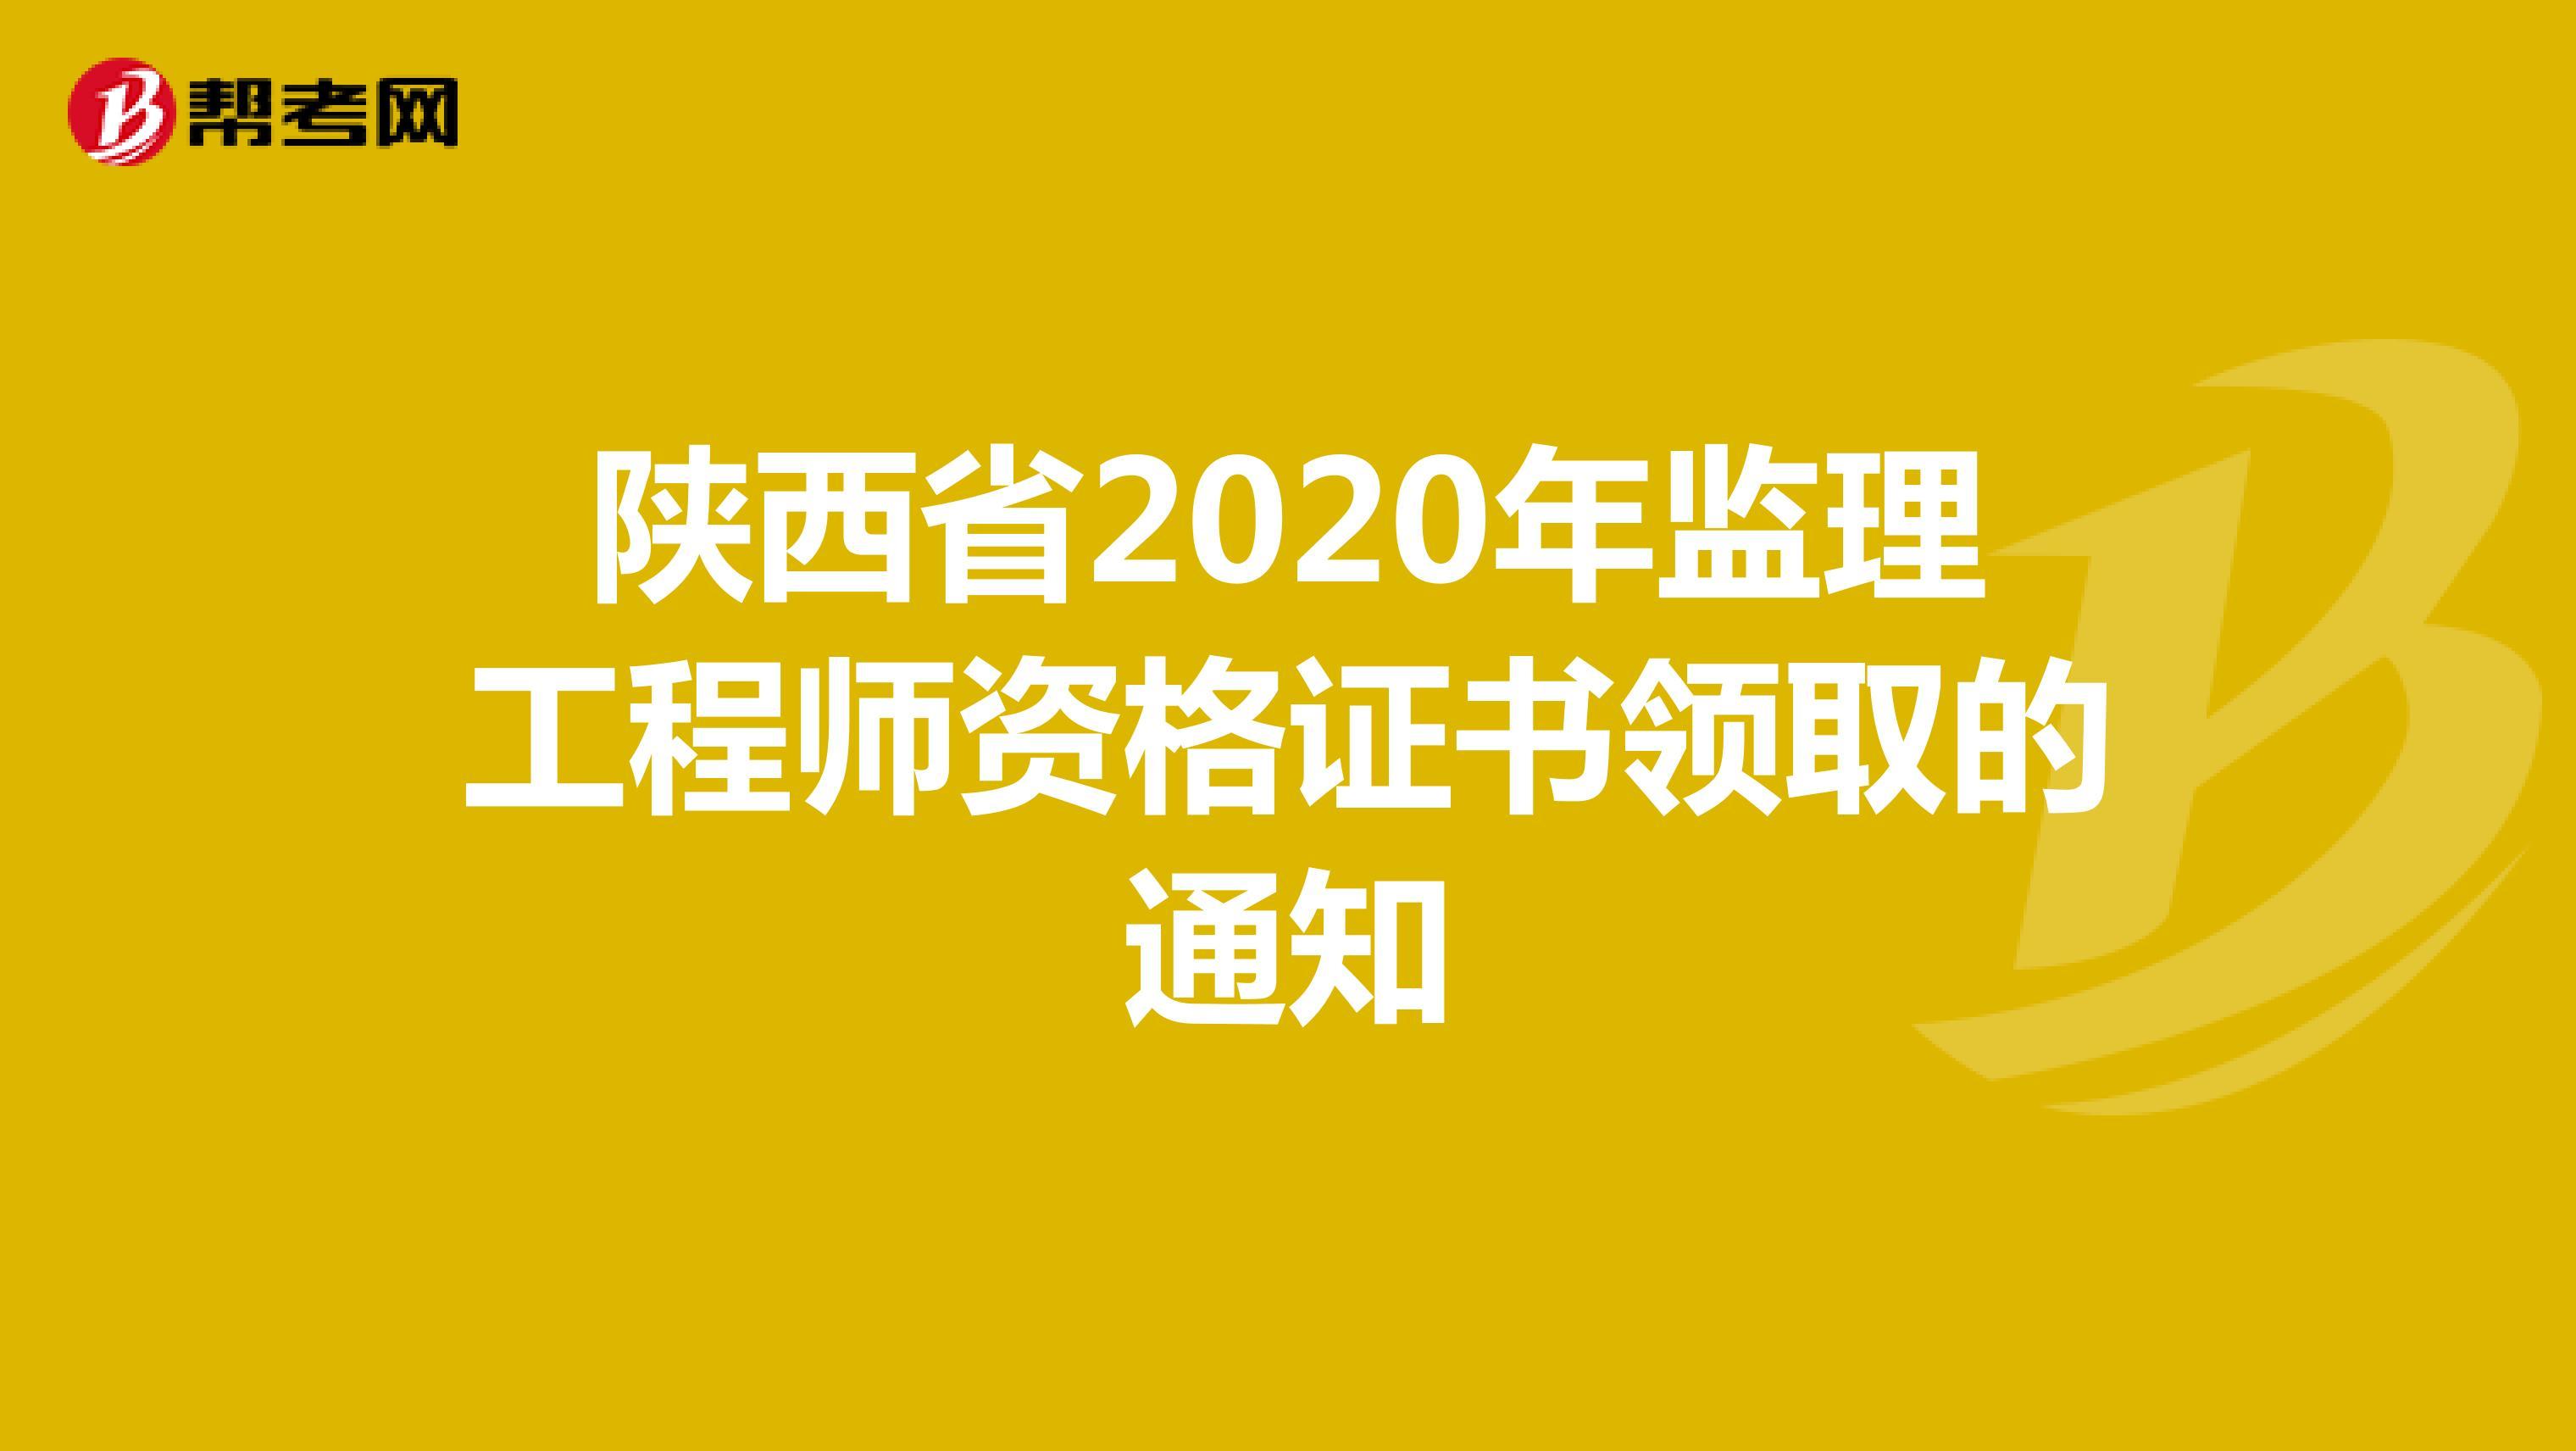 陜西省2020年監理工程師資格證書領取的通知